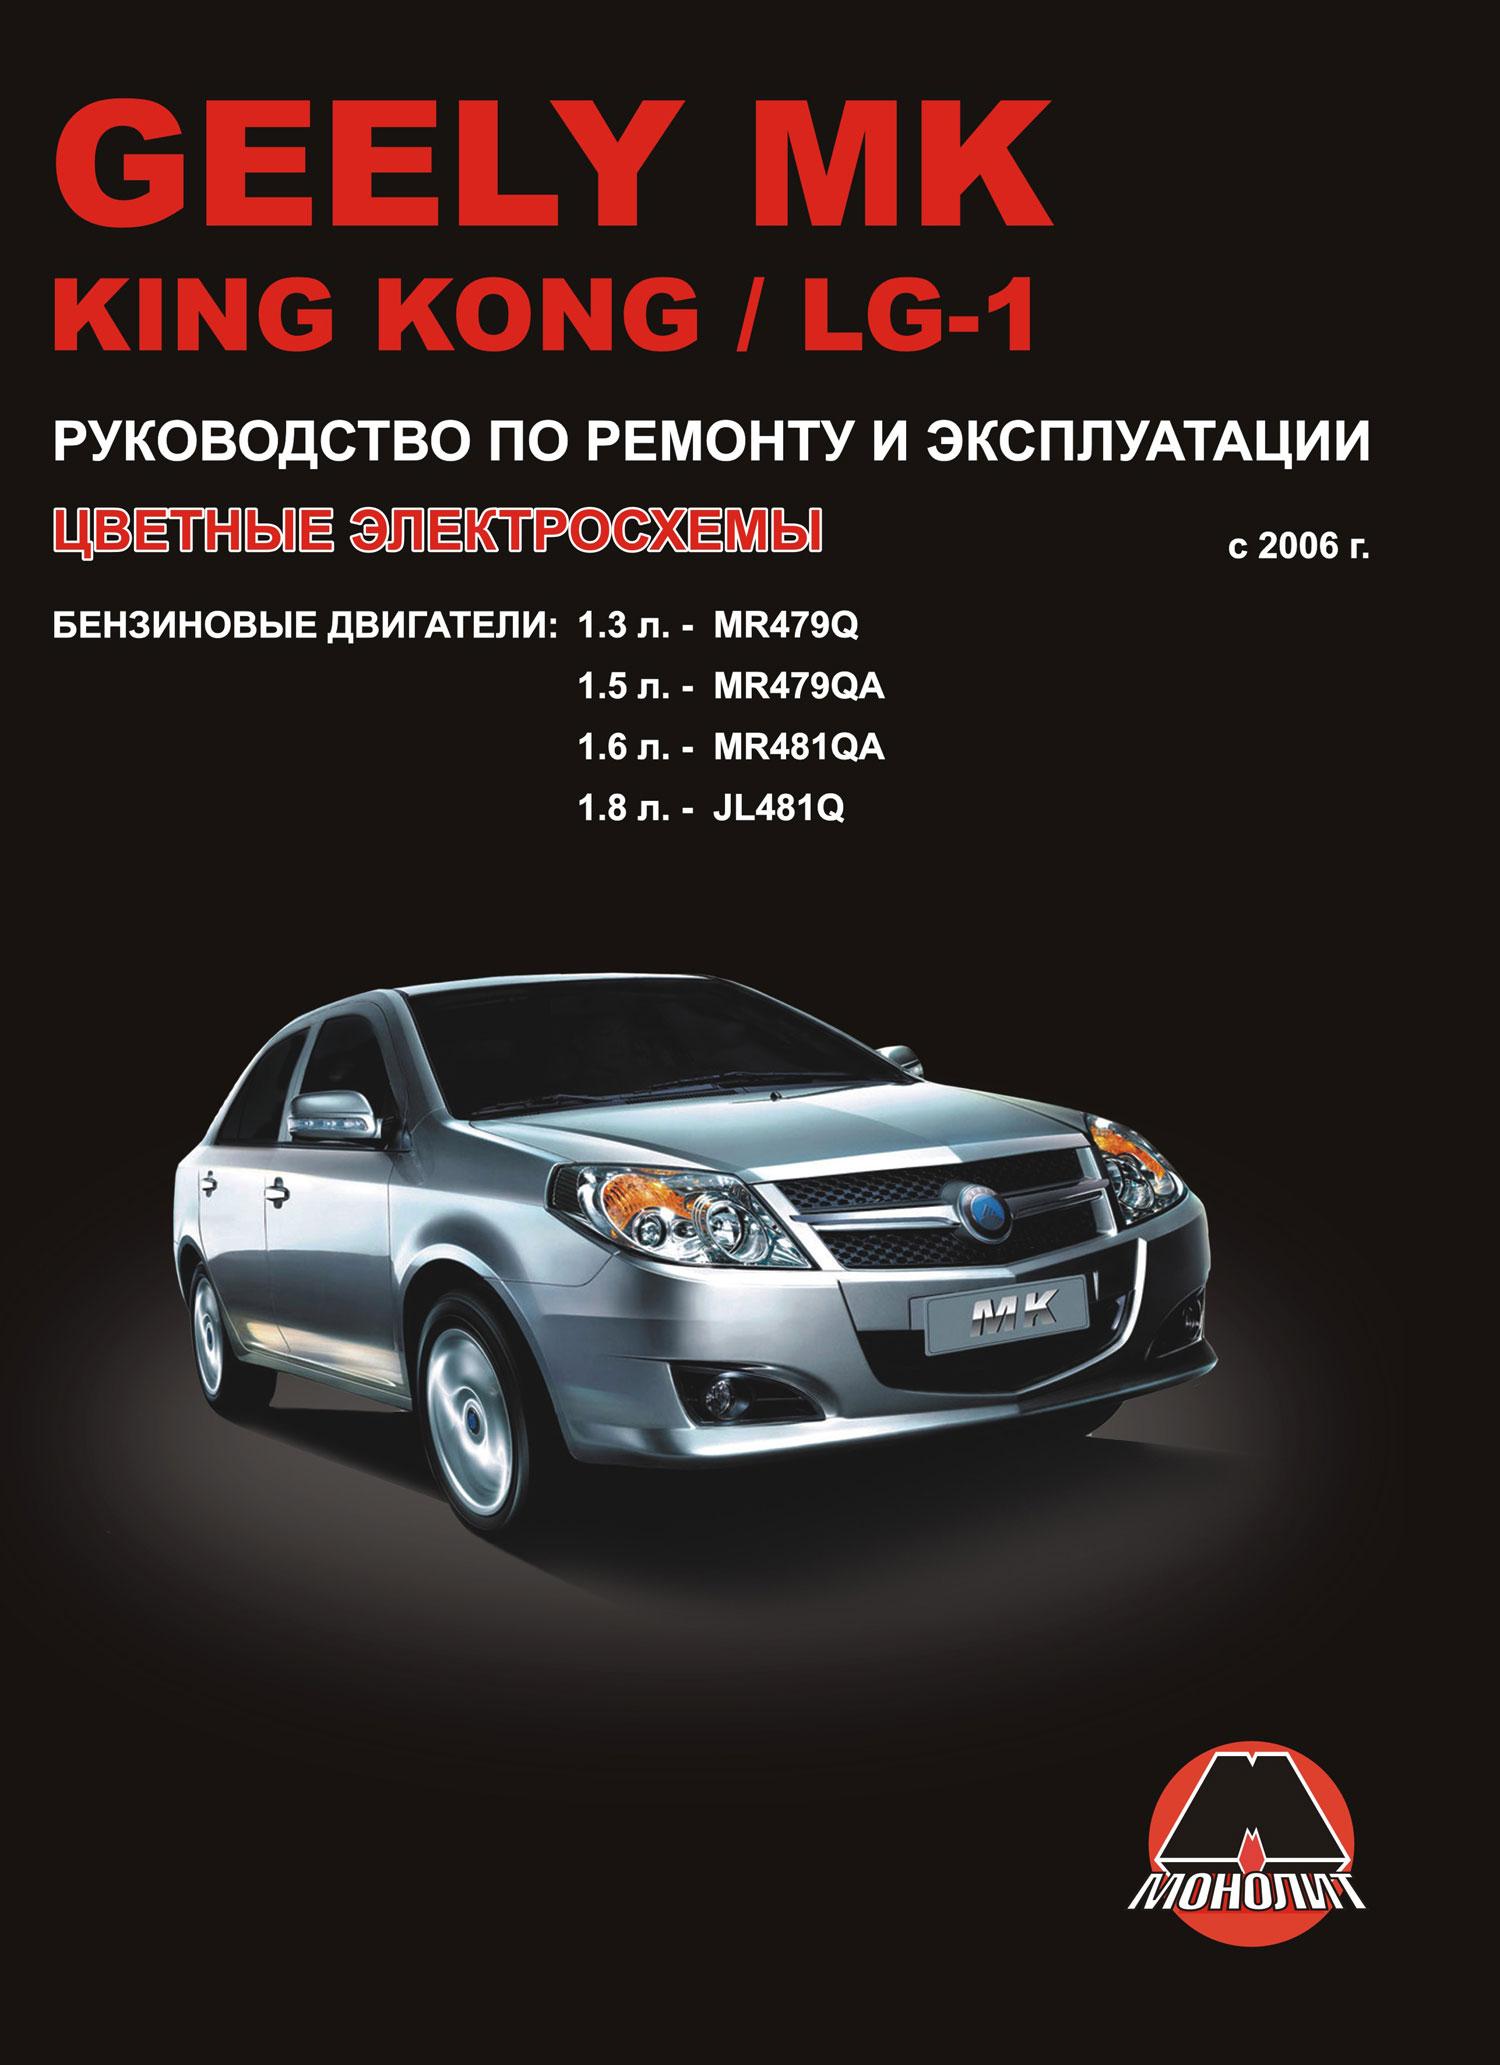 Автомобильный форум Форум помощи выбора покупки и